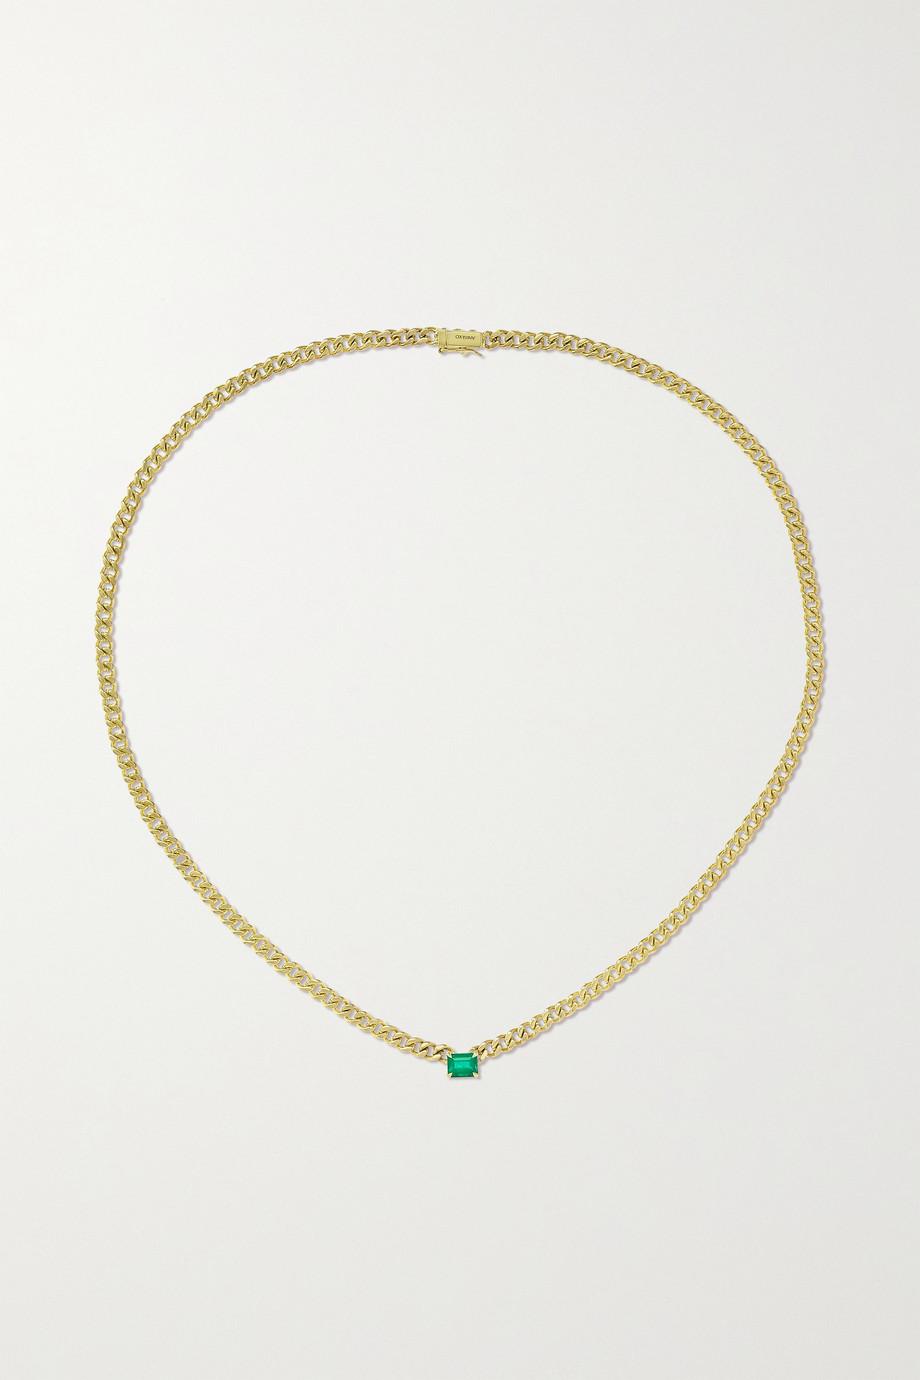 Anita Ko Collier en or 18 carats (750/1000) et émeraude